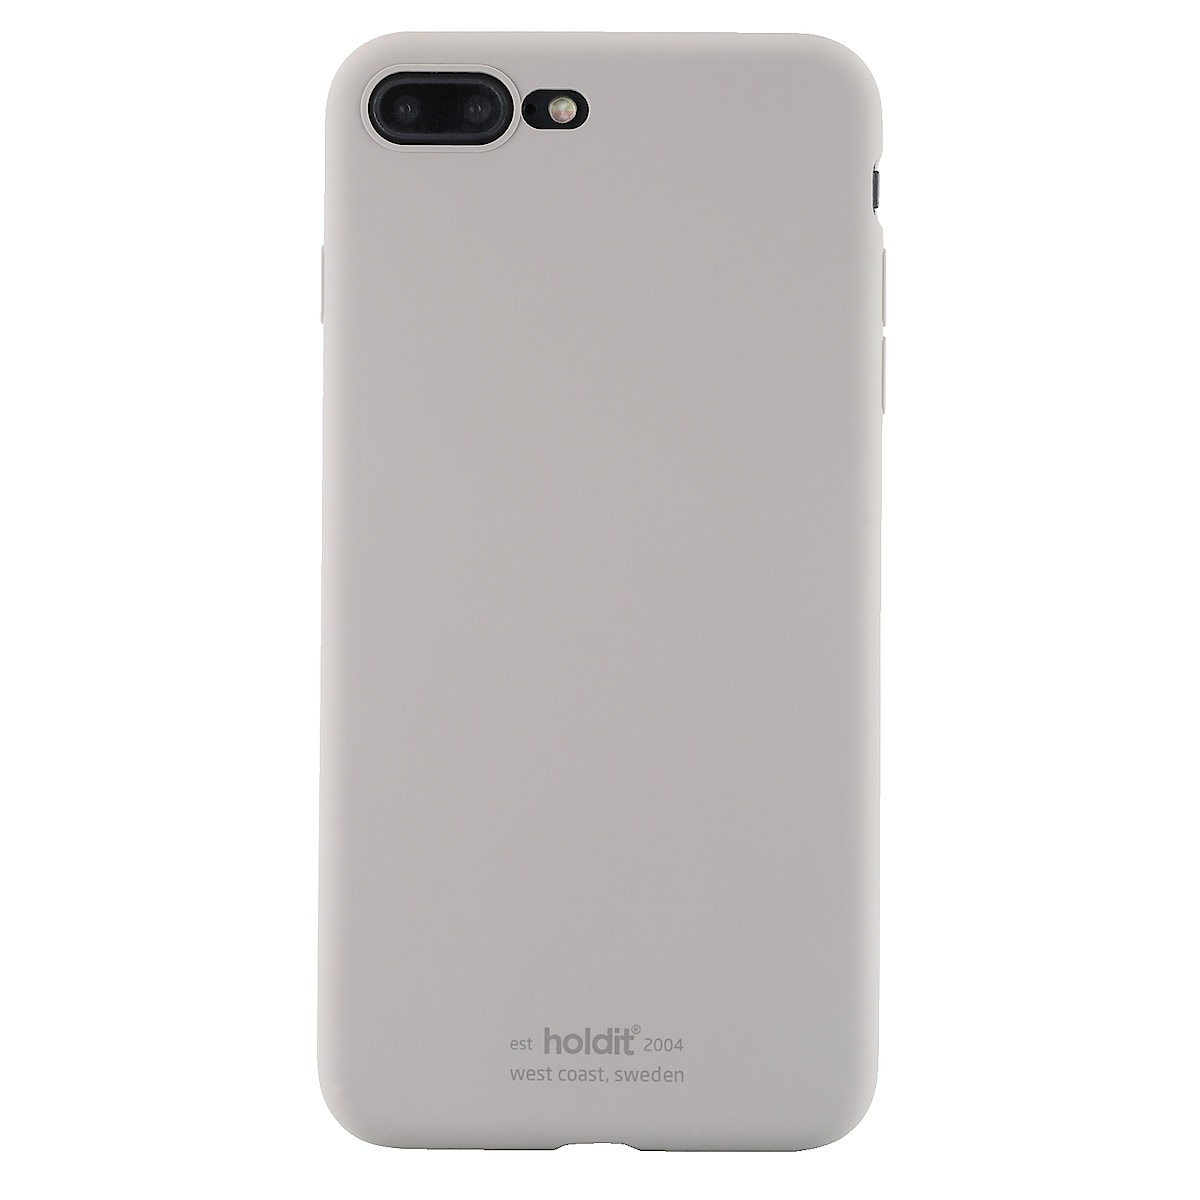 Mobilskal i silikon för iPhone 7 Plus och iPhone 8 Plus Holdit